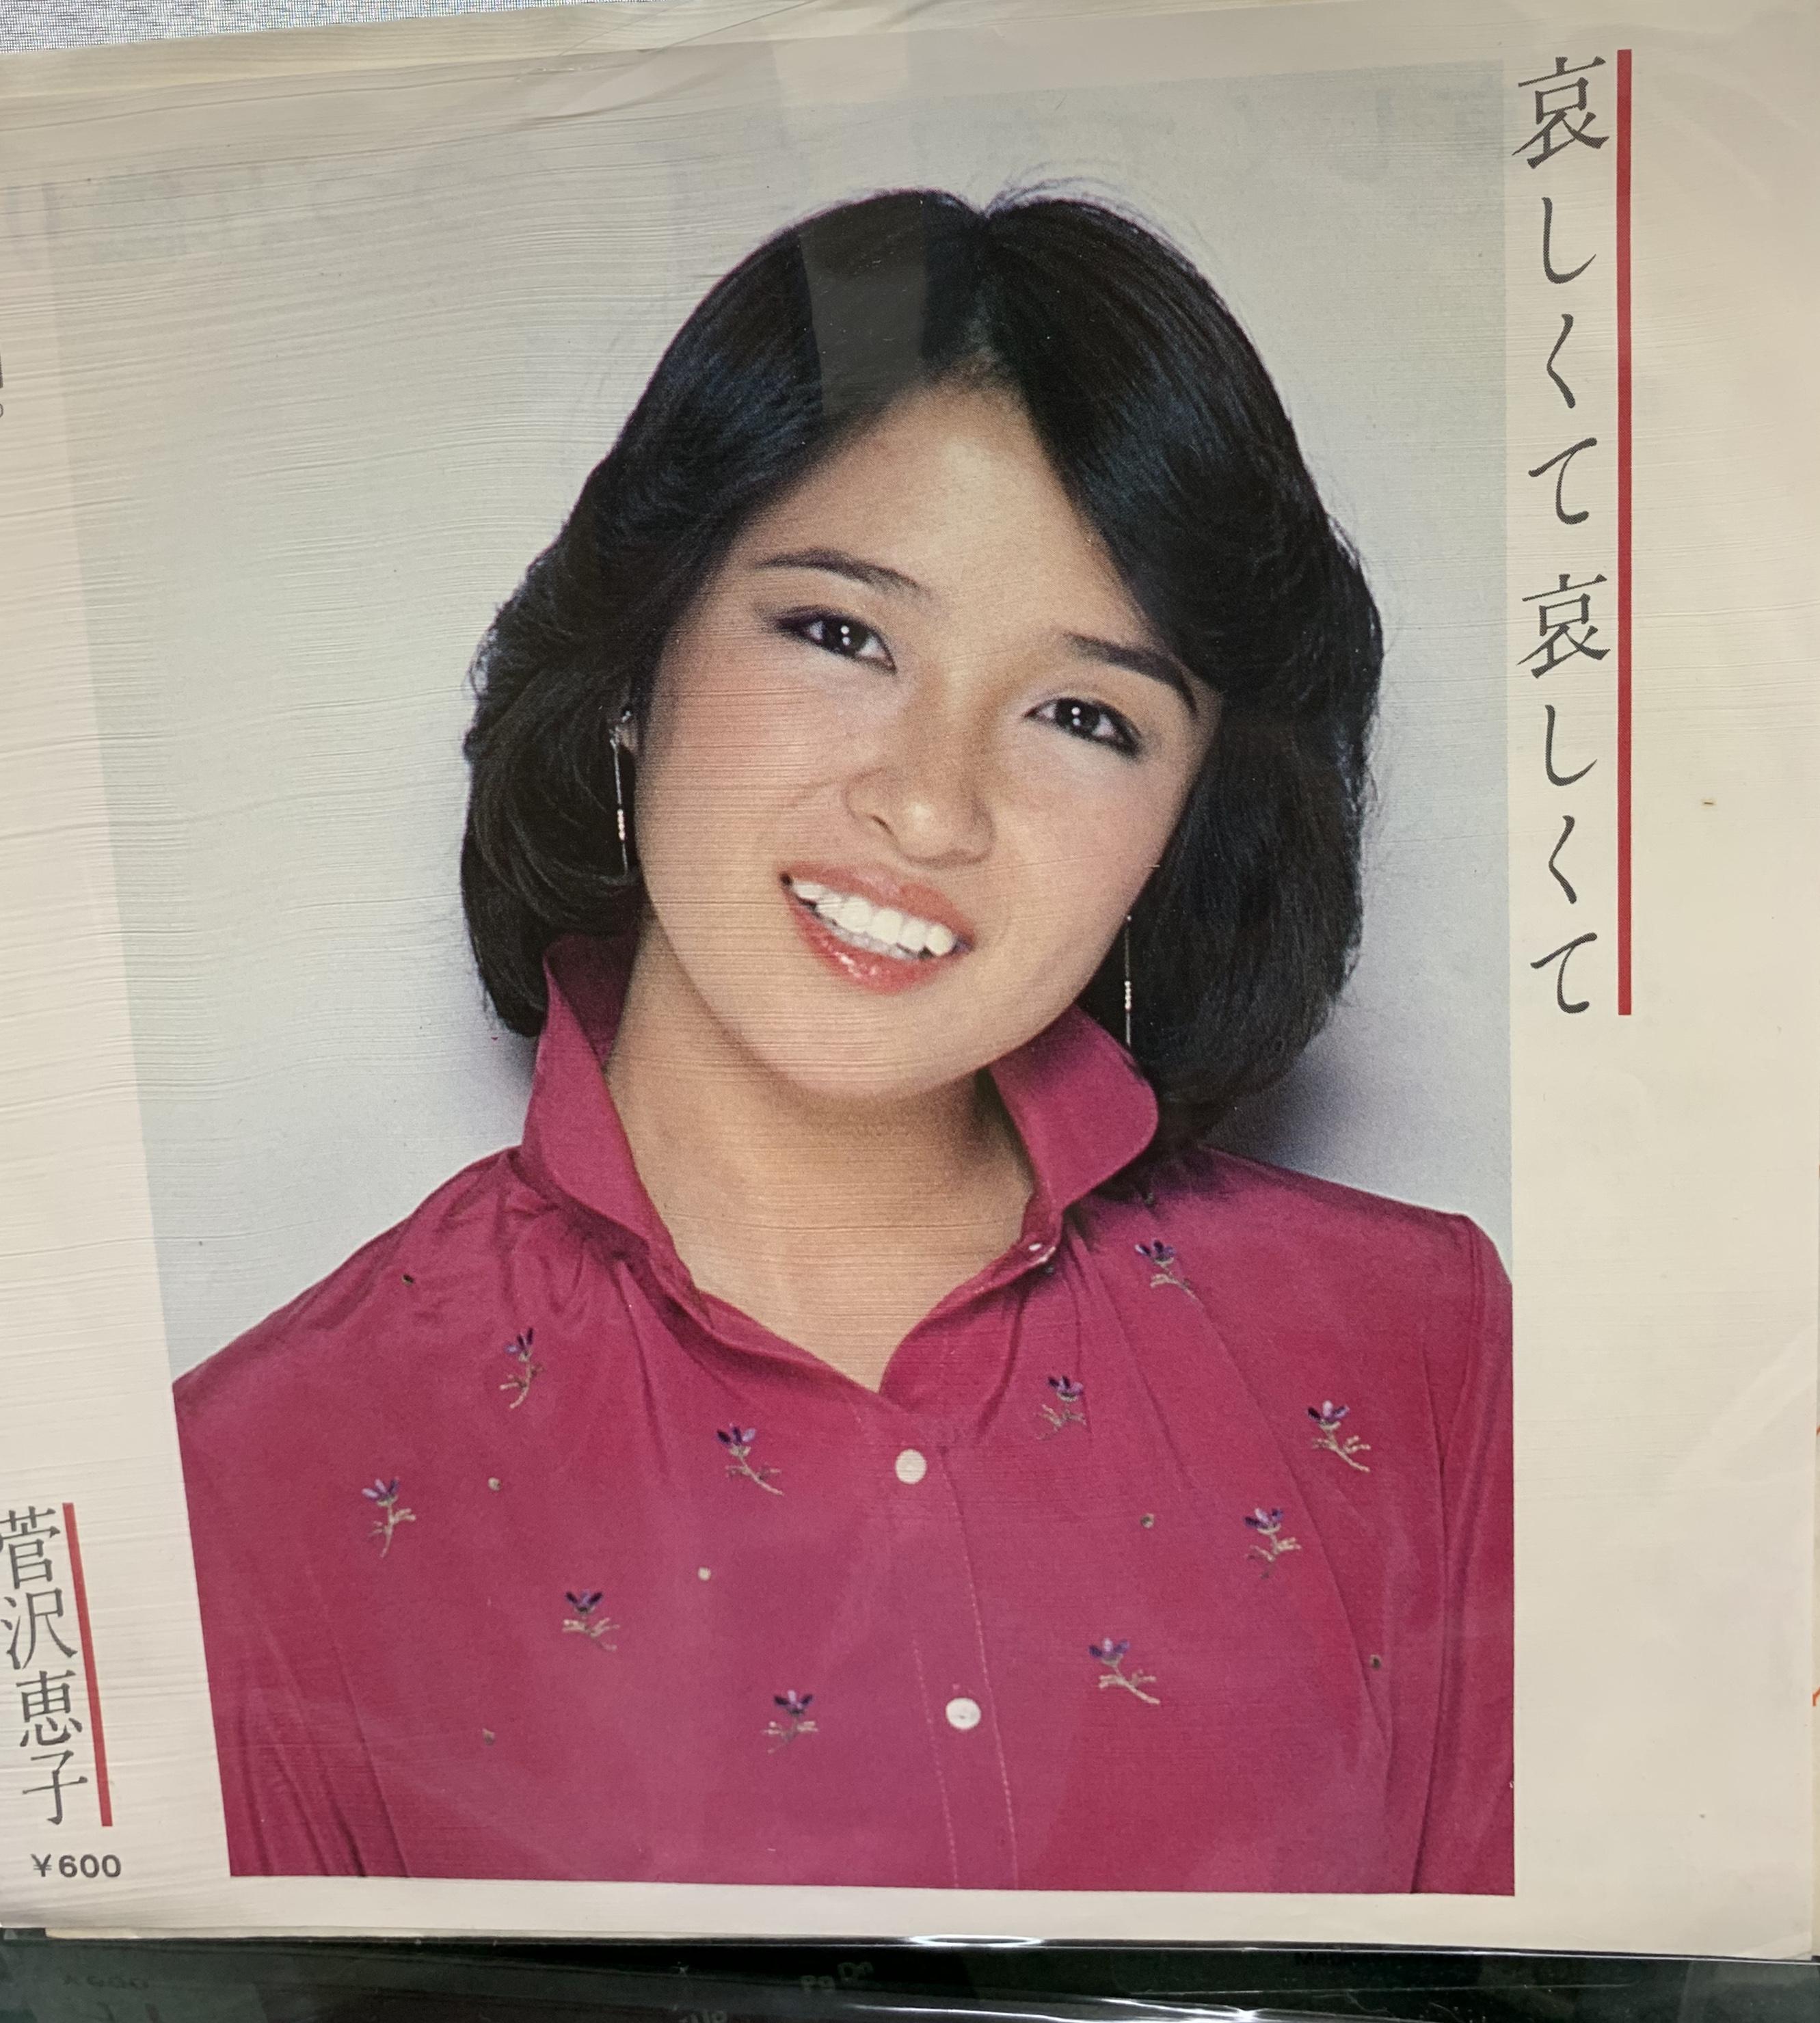 菅沢恵子 哀しくて